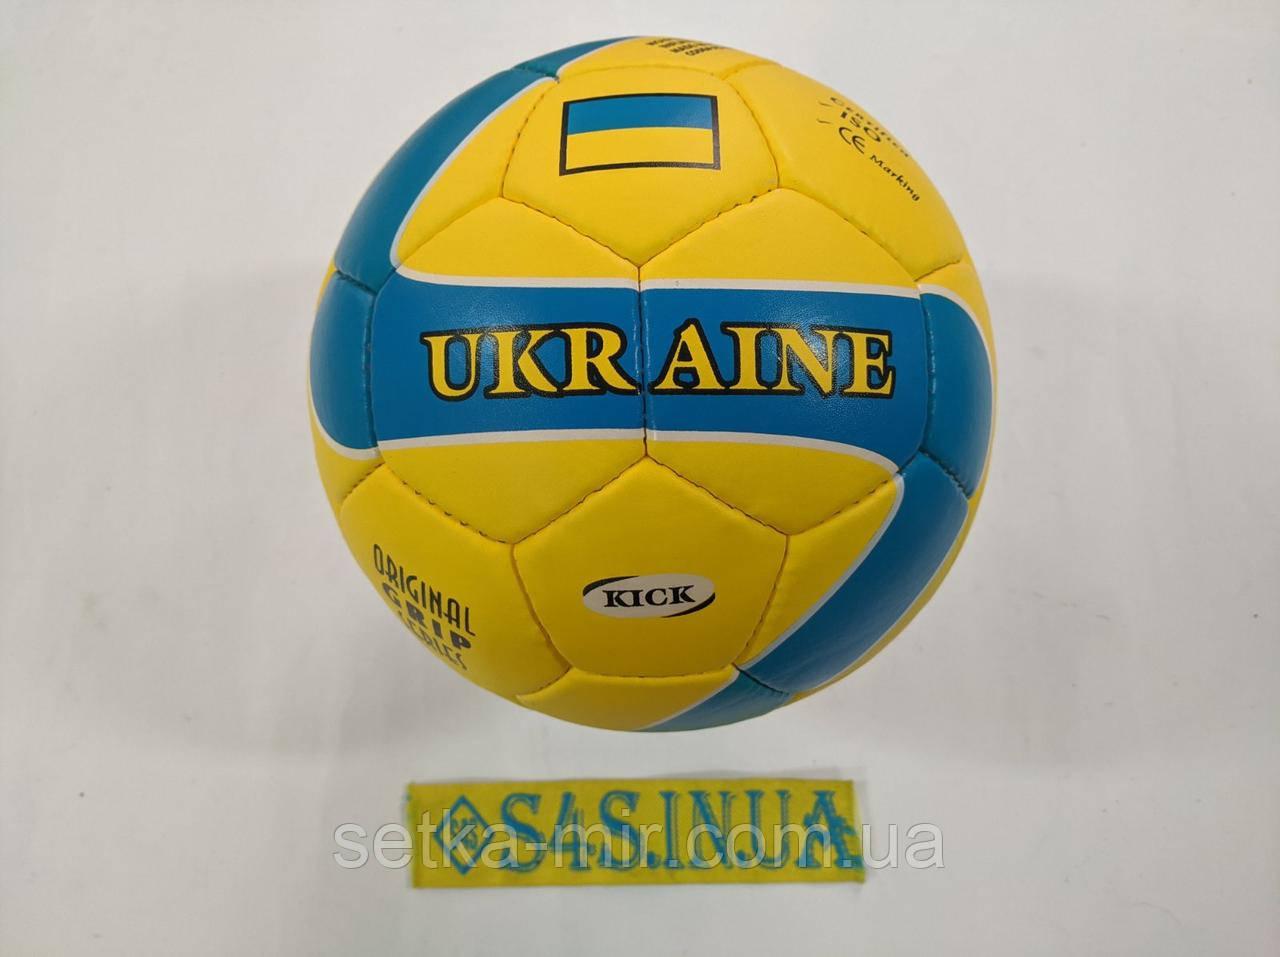 Футбольний м'яч для футболу Ukraine, жовто-синій, р. 5, не ламінований